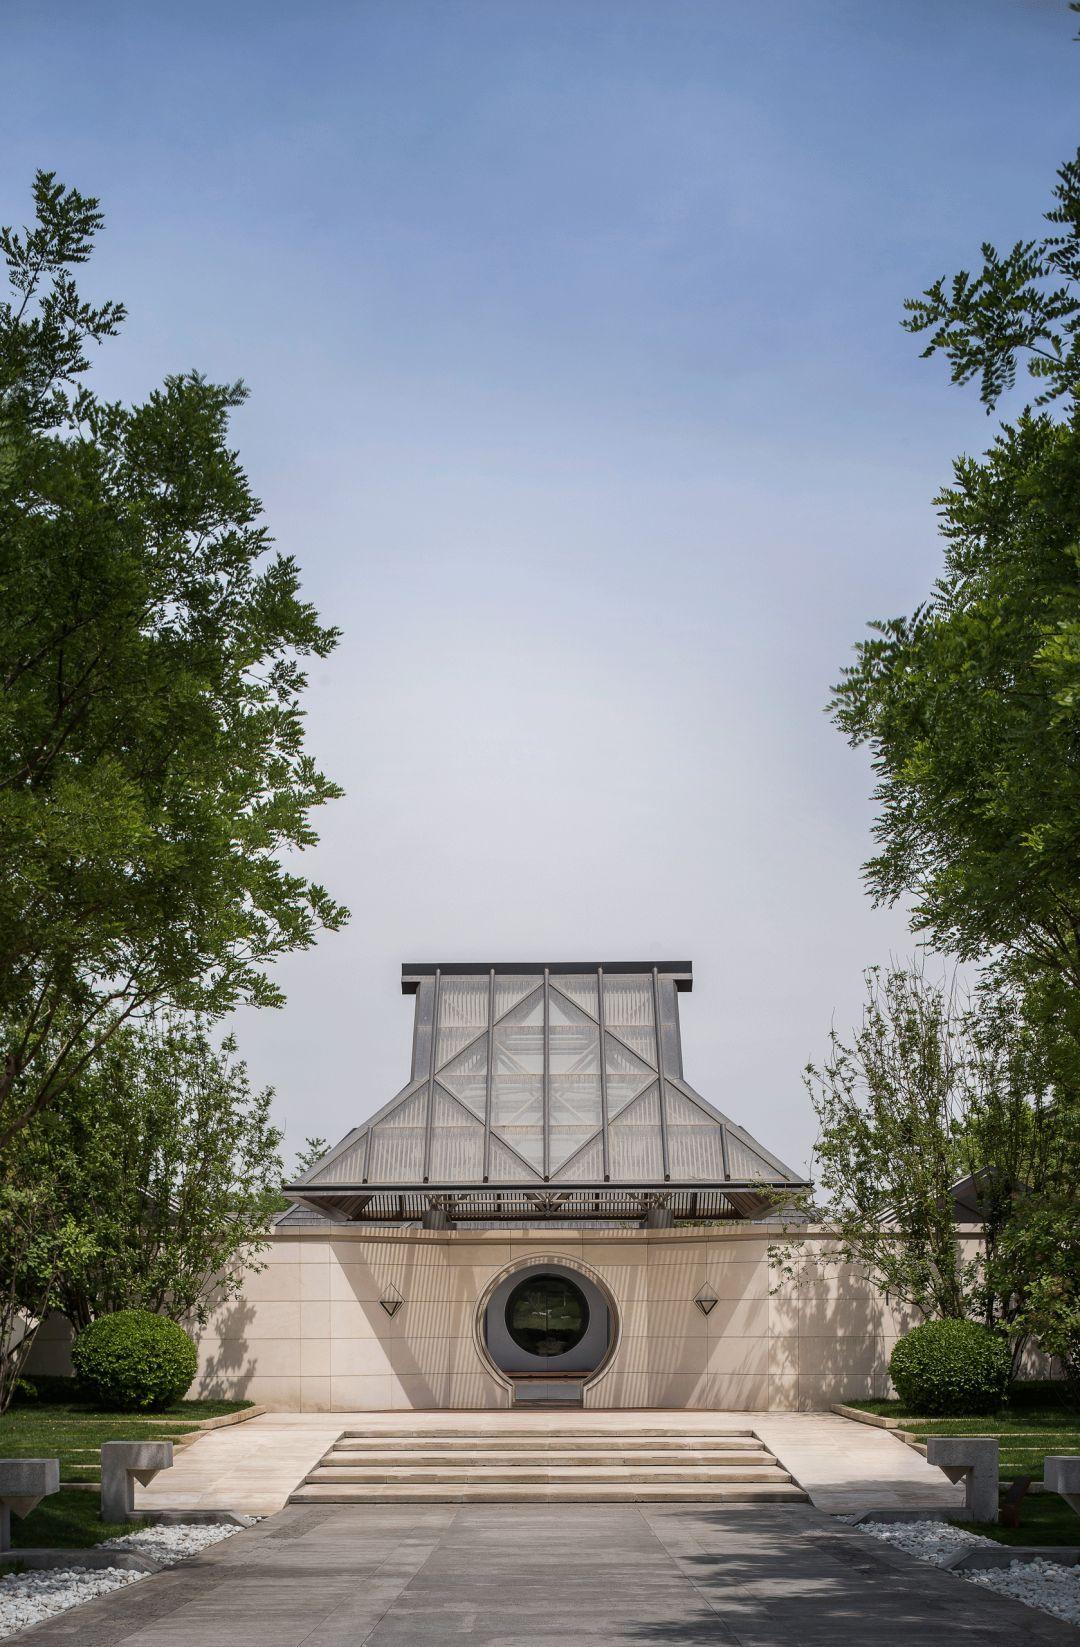 木田v住宅 北京住宅天著春秋图片样板房长14米宽5米别墅平面设计远洋图片